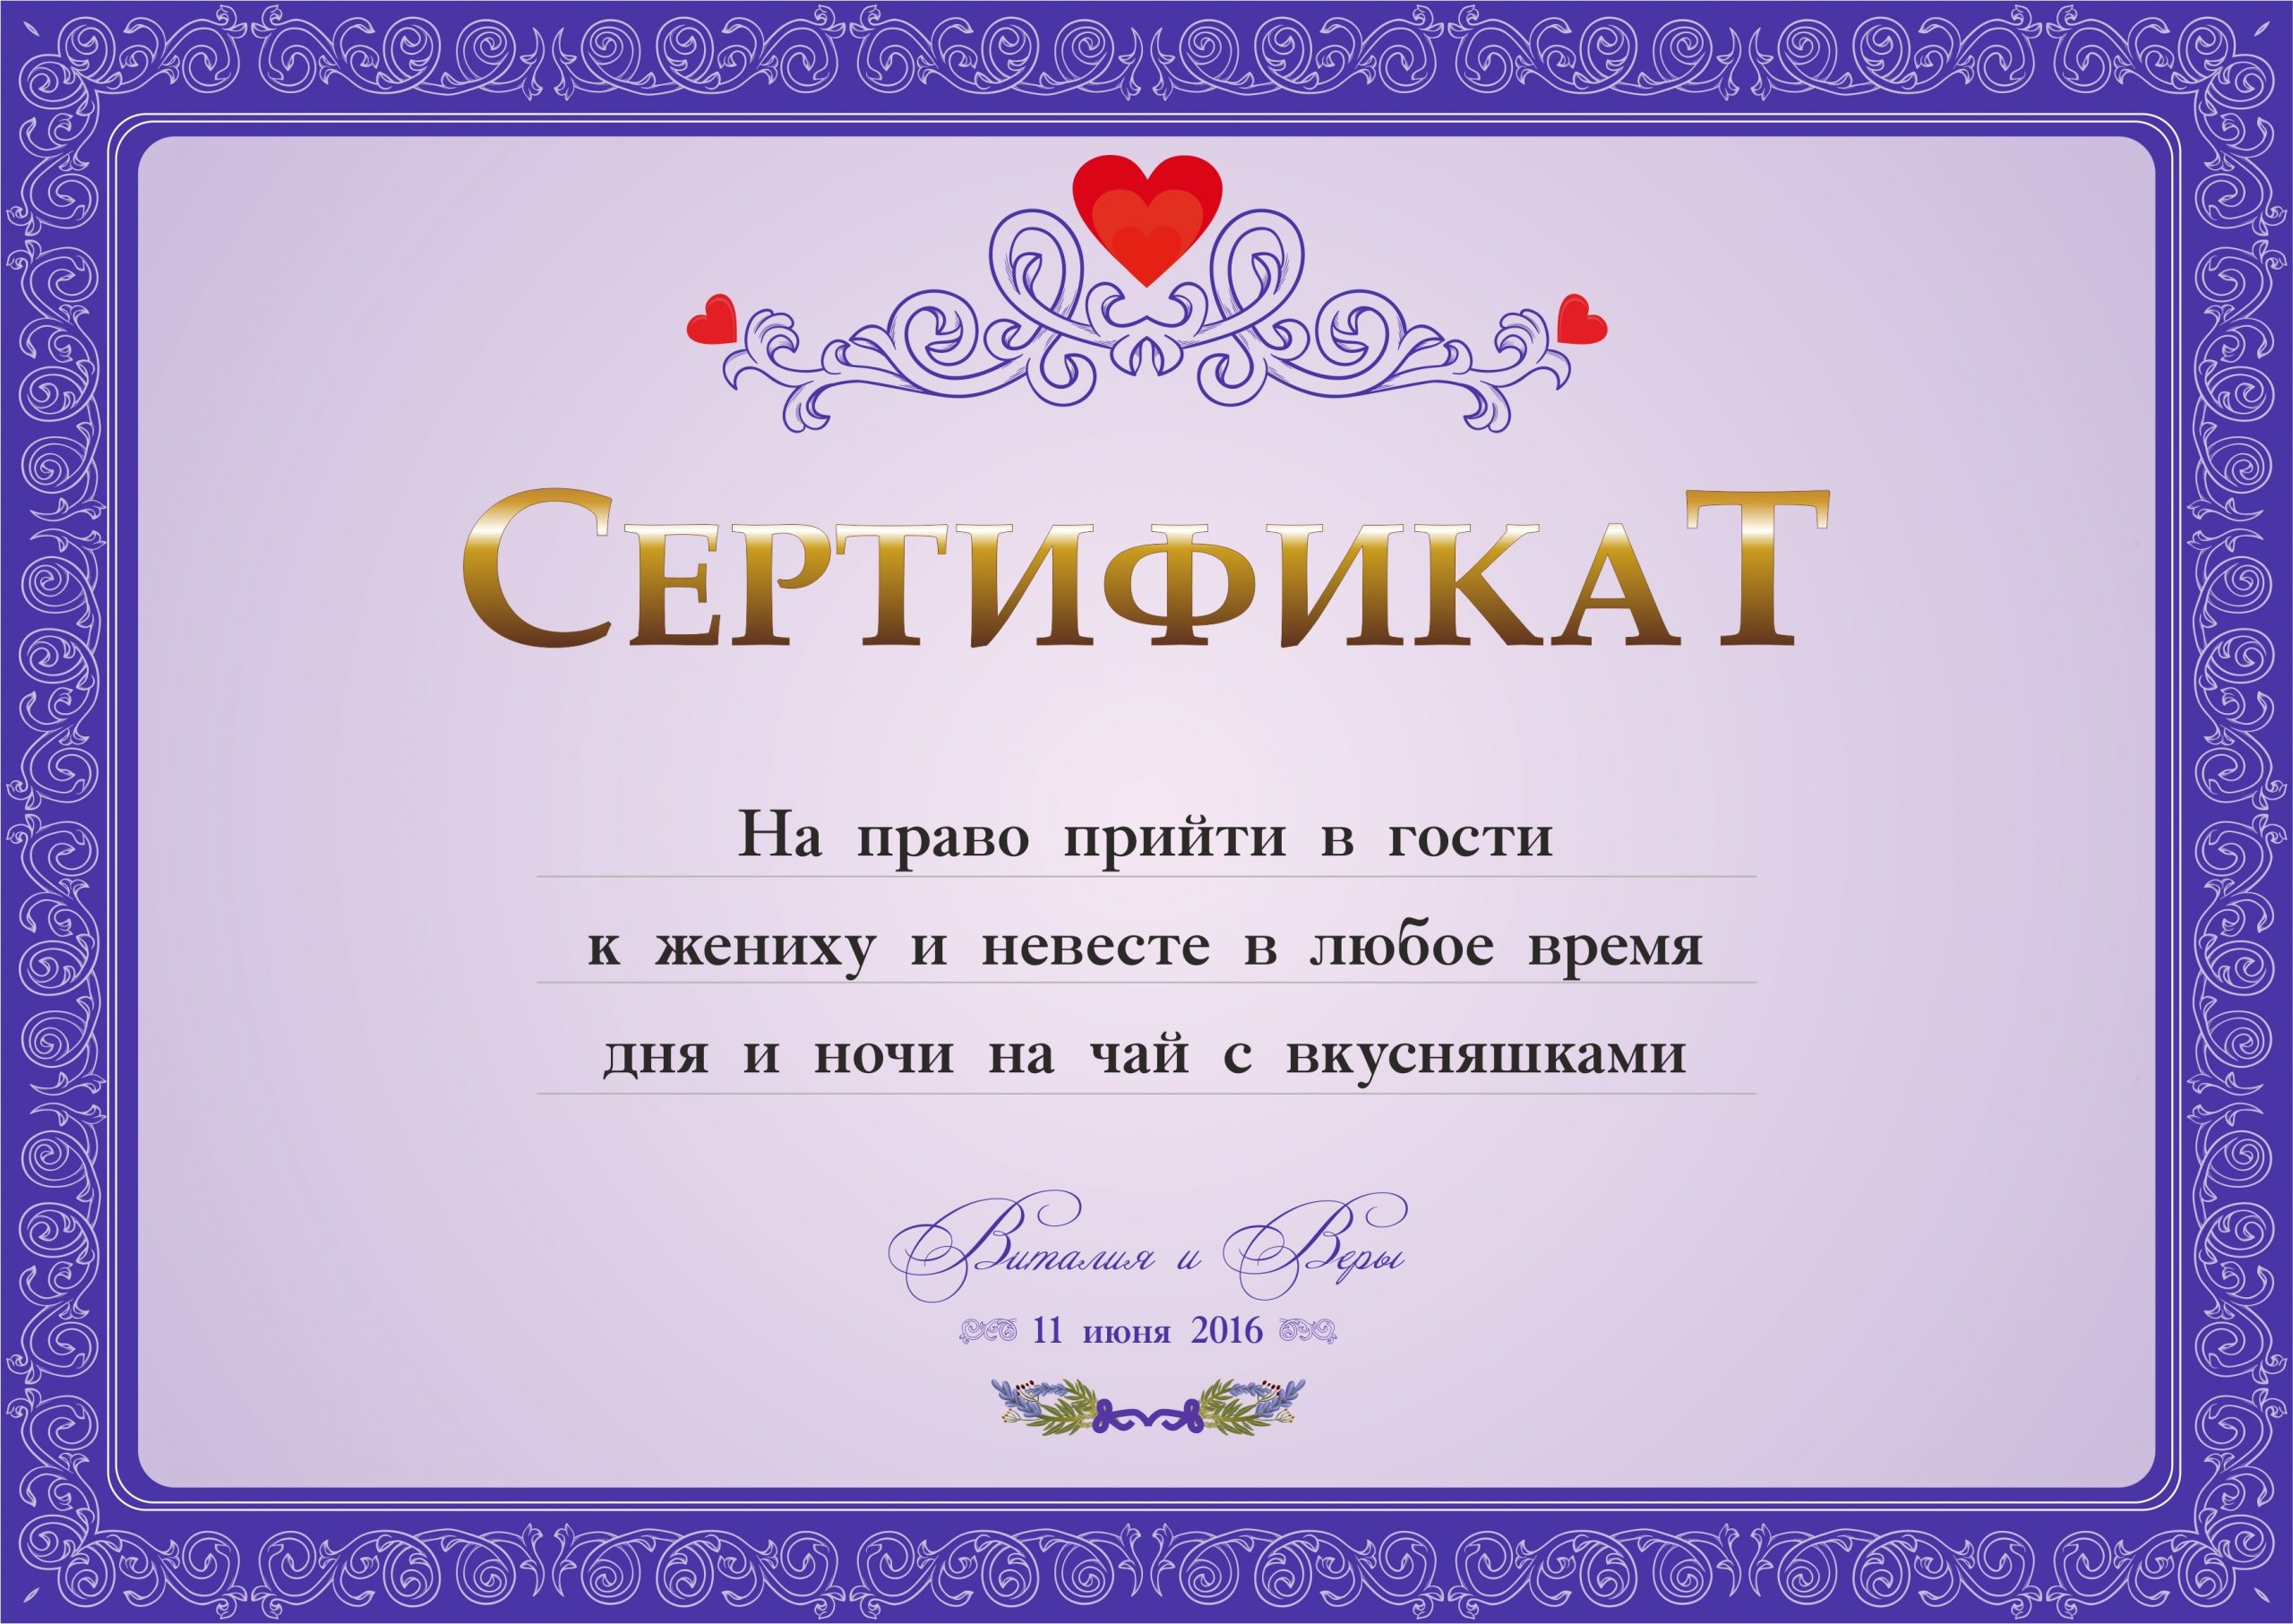 Печать шуточных грамот и дипломов для свадьбы в Москве   фото 6